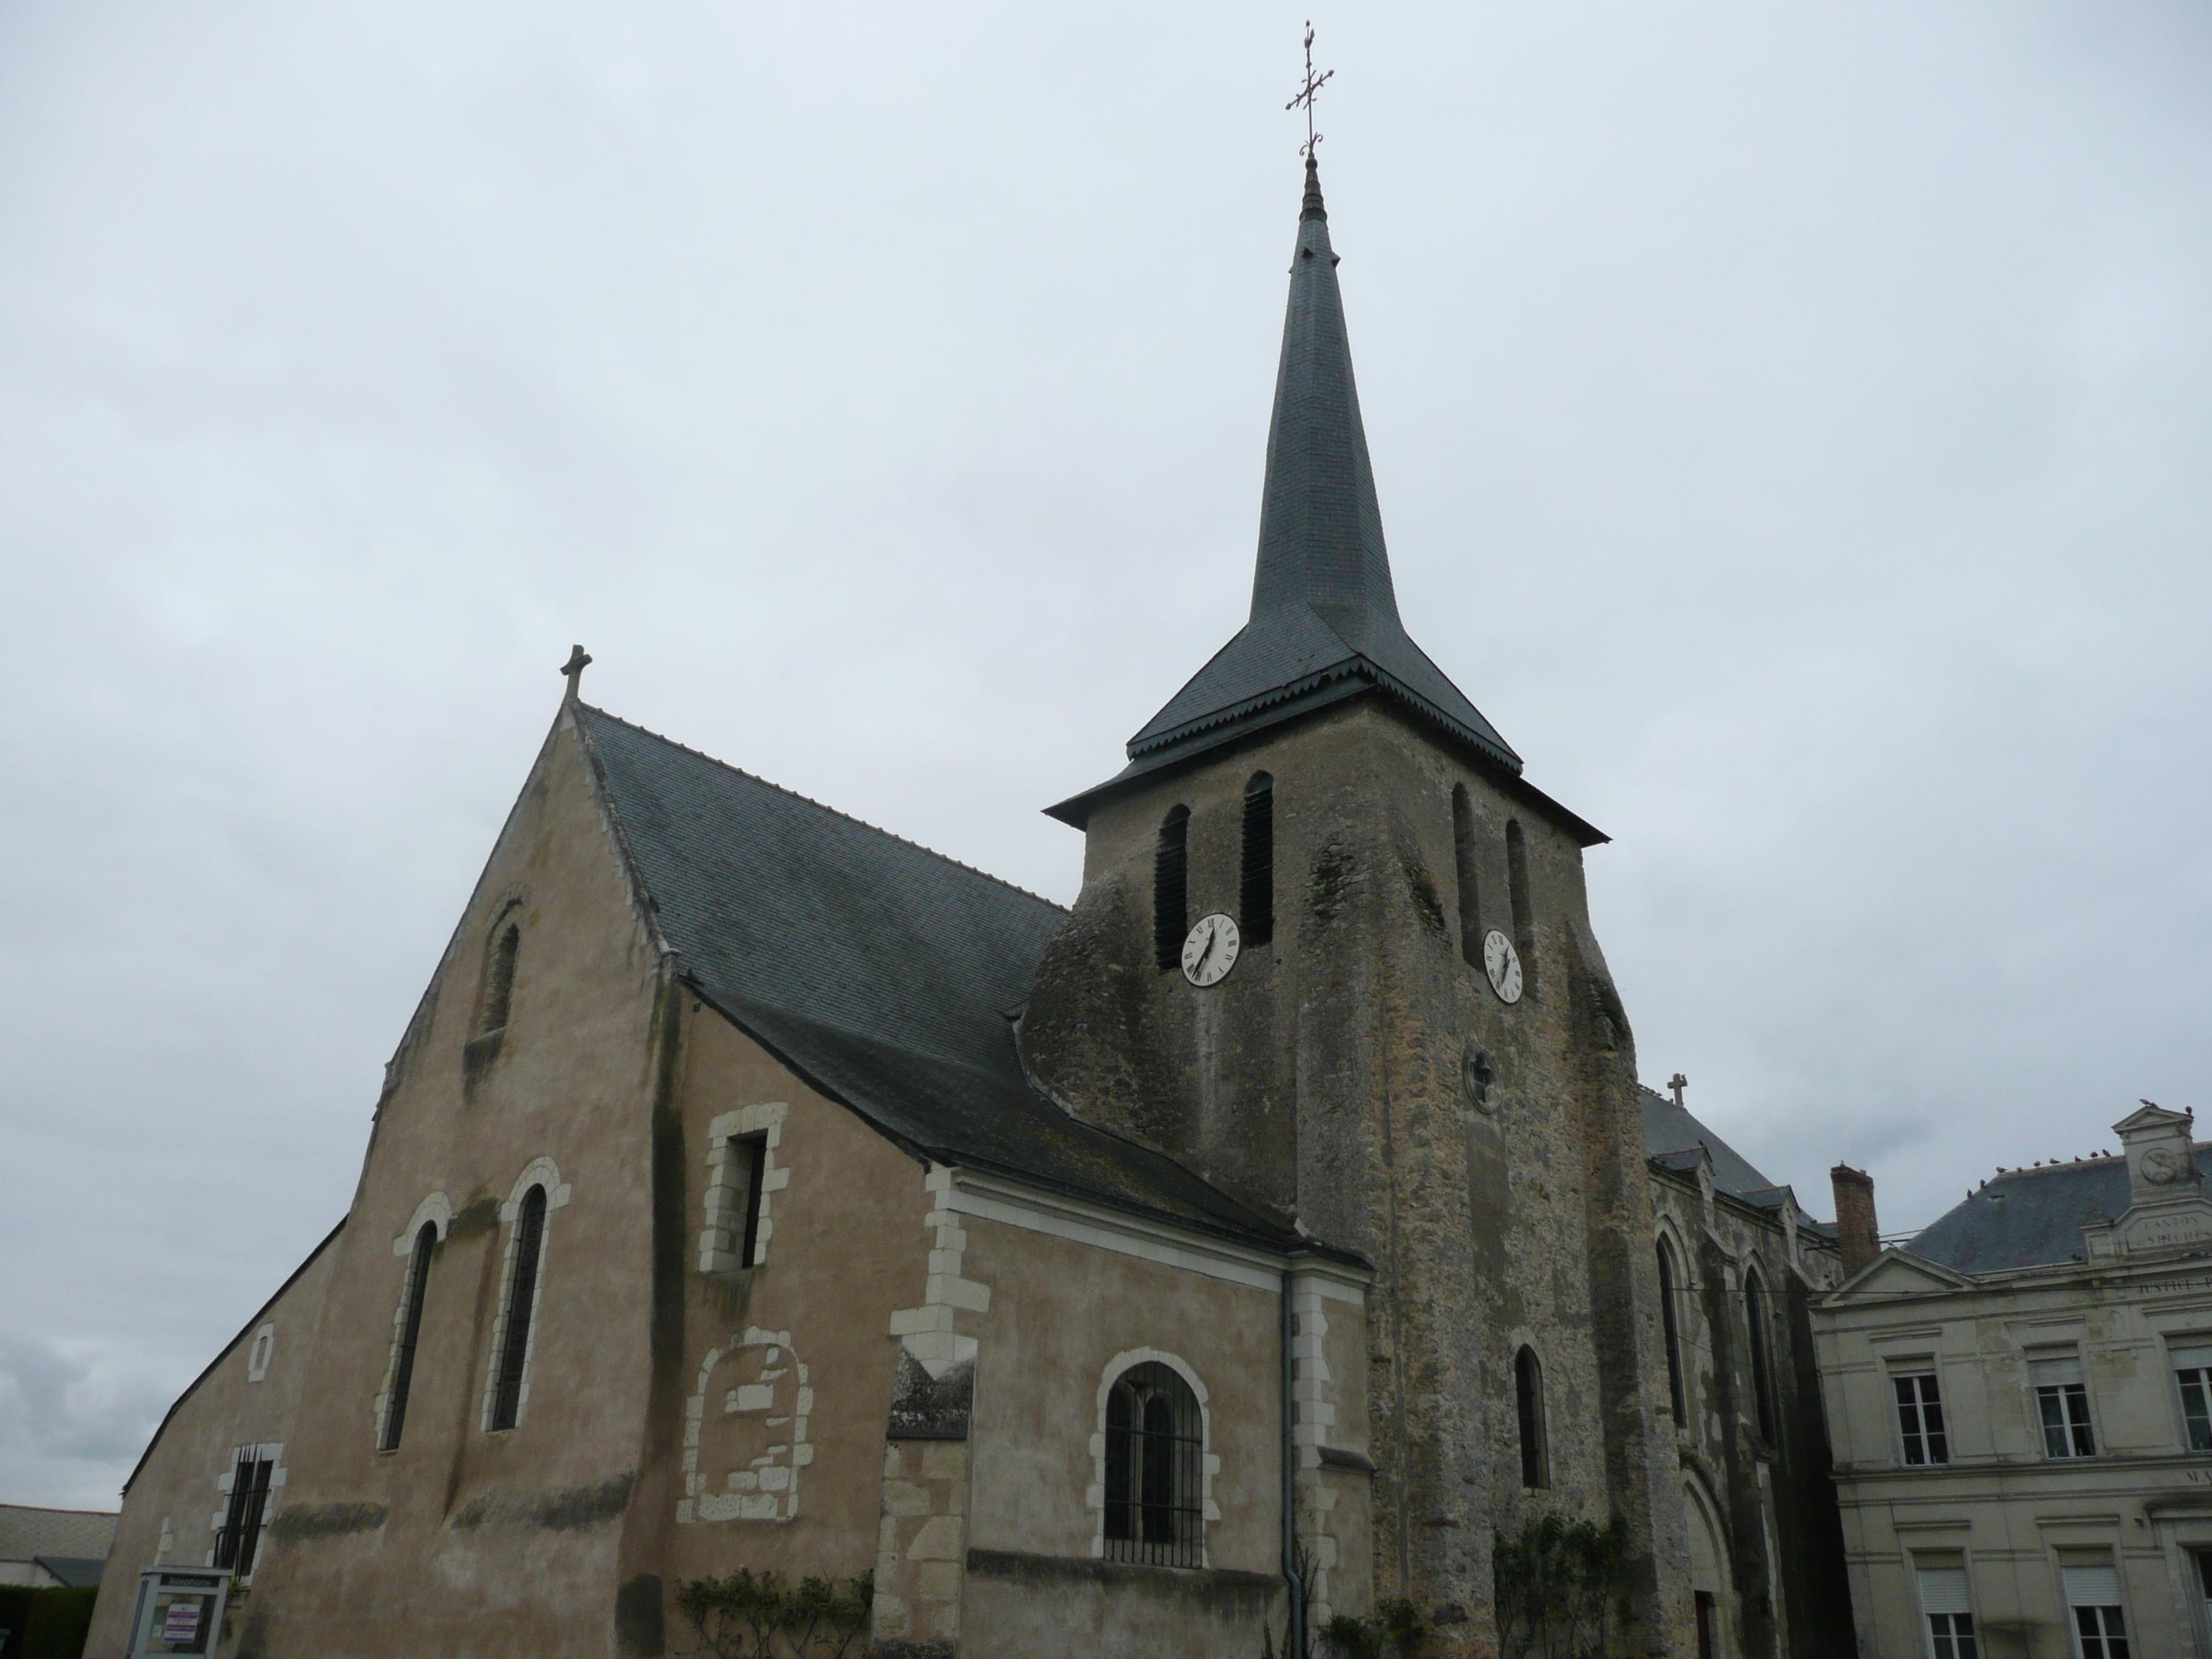 Une fille et ses frères baptisés à 4 heures d'intervalle (Seiches-sur-le-Loir, 1593)